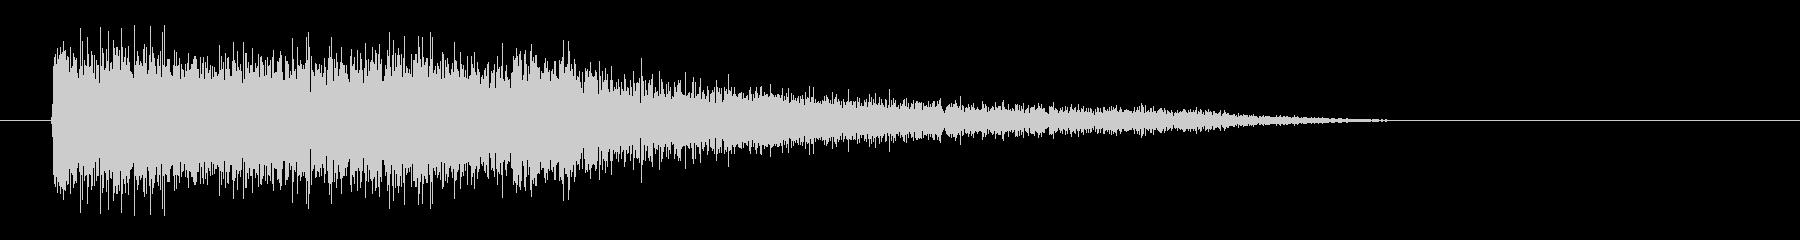 レーザー音-82-3の未再生の波形